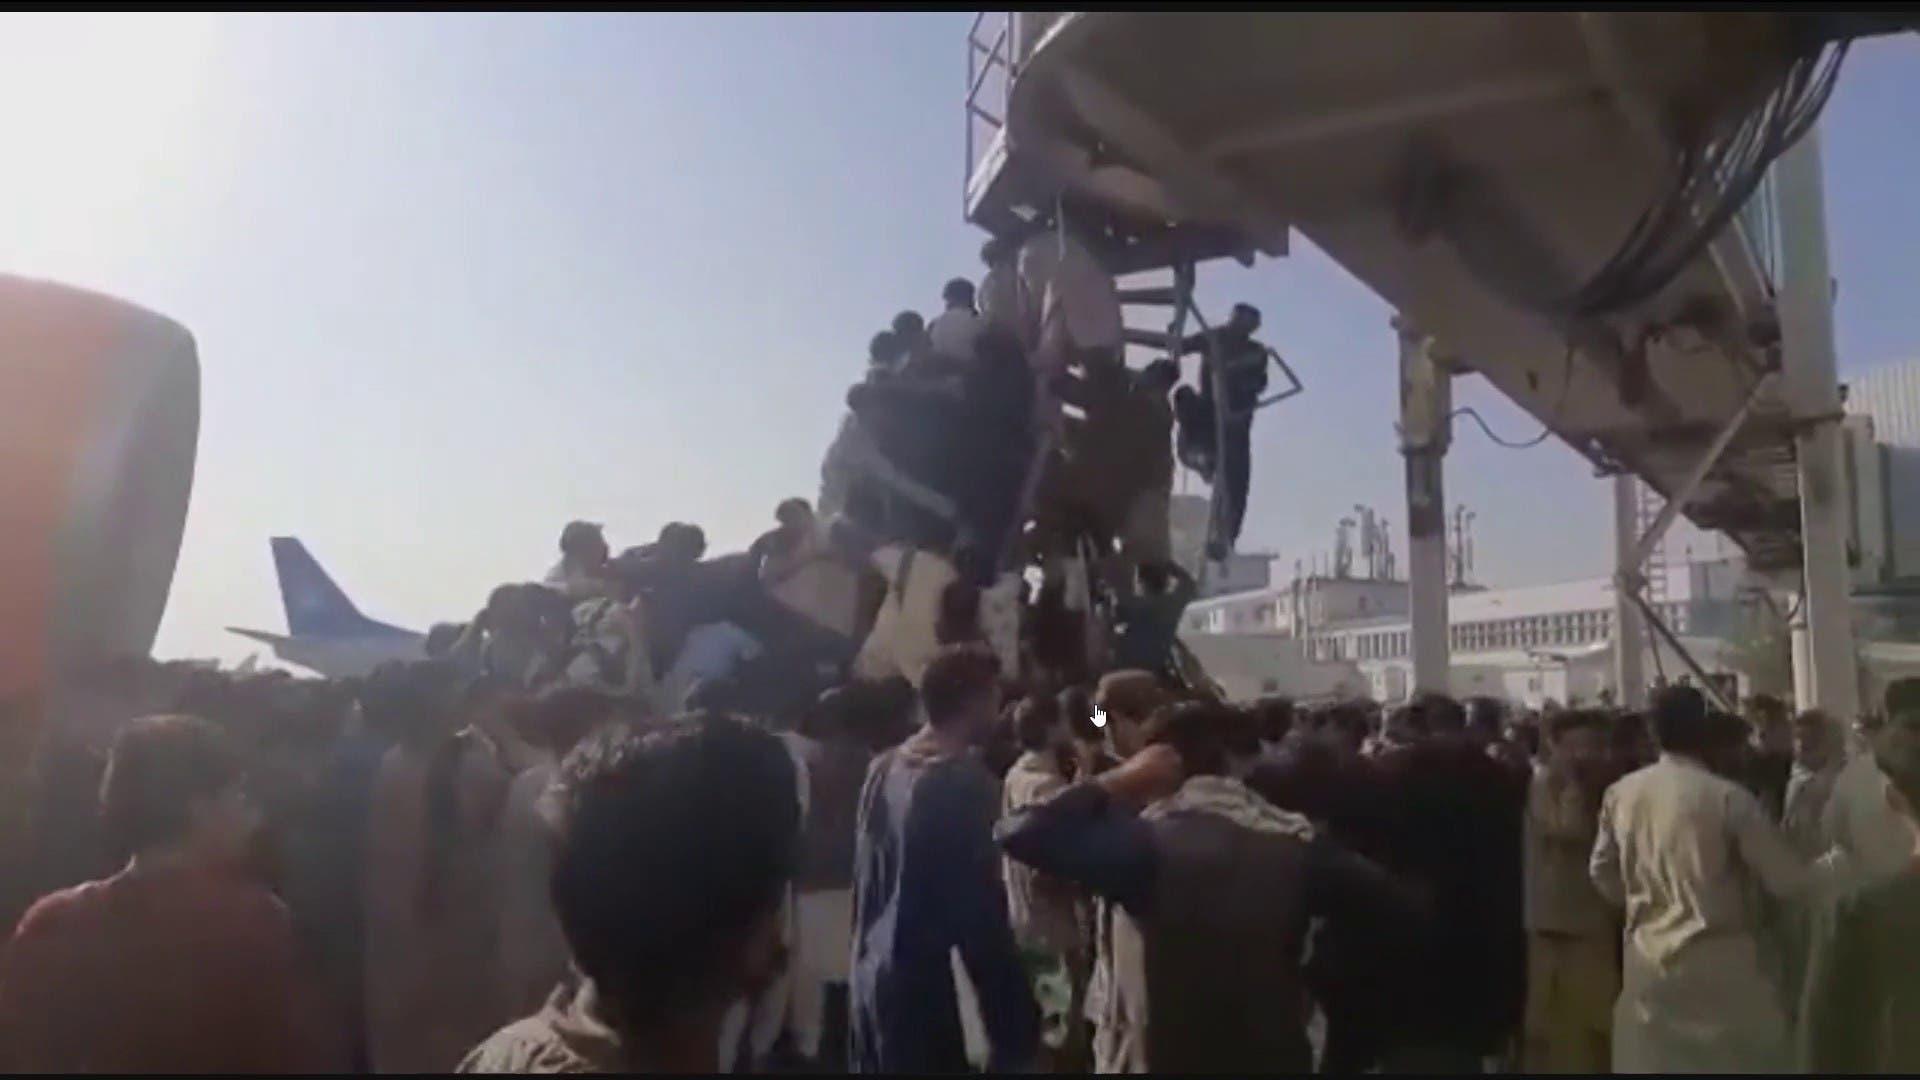 صور لتسلق أفغانيين سلم طائرة رابضة بمطار كابل